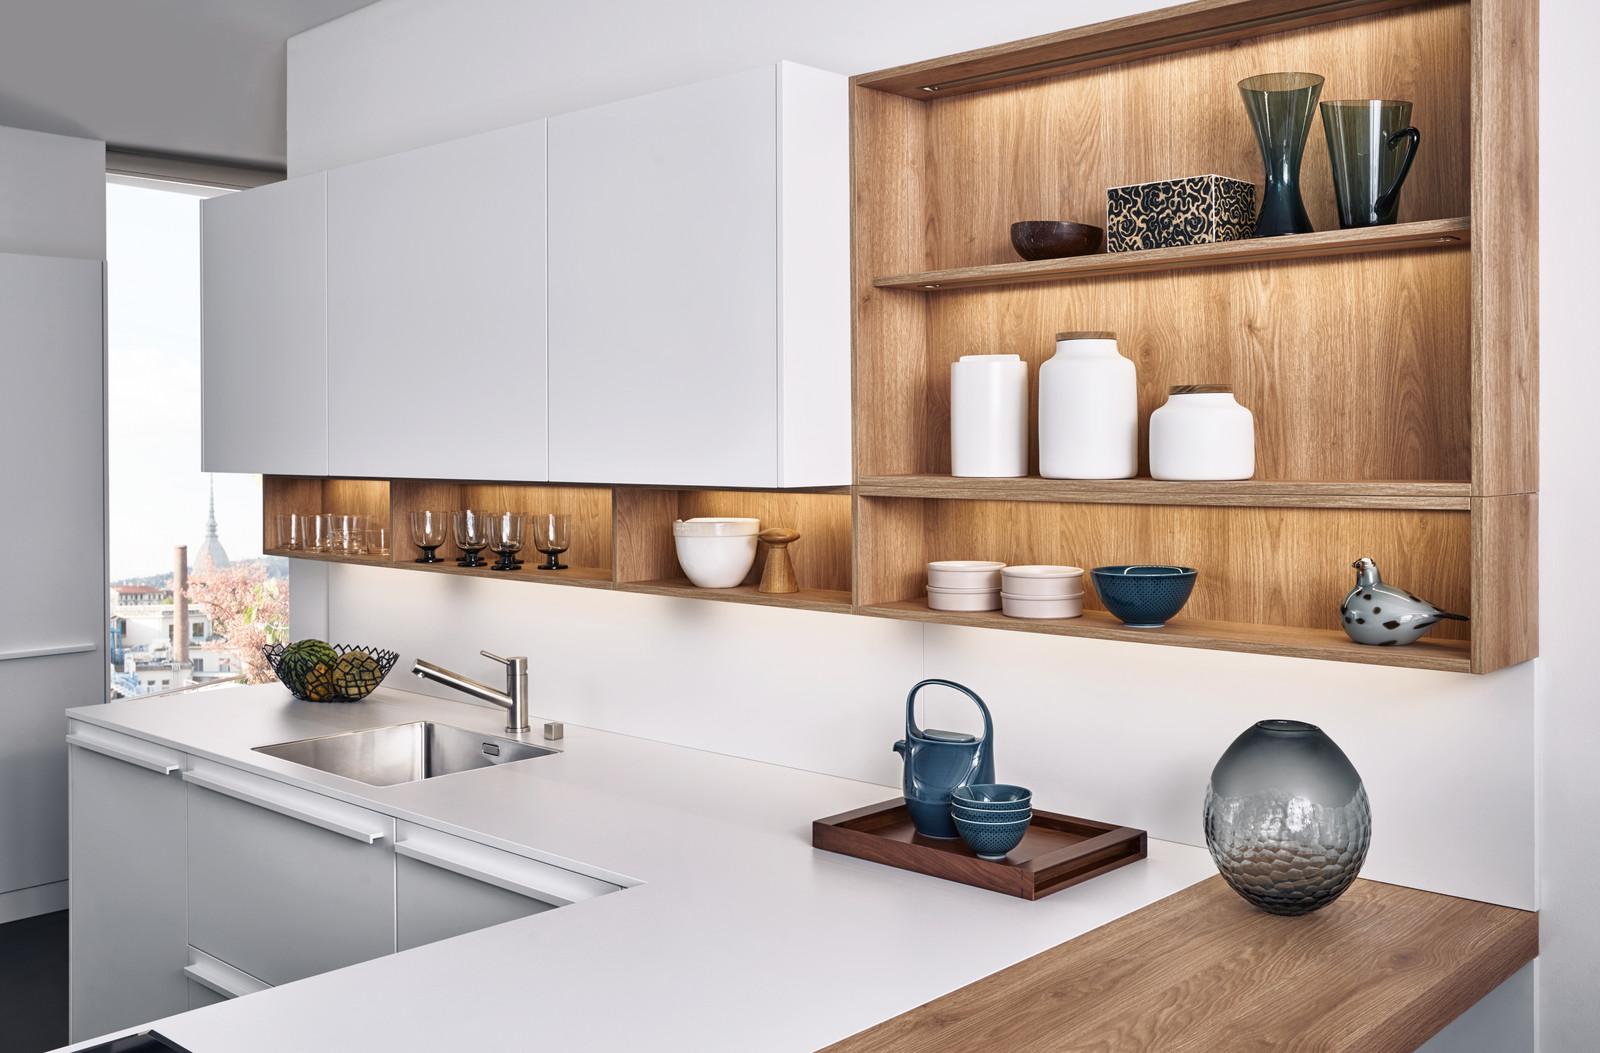 Leicht CA – Leading Orange County, Modern European Kitchen Provider